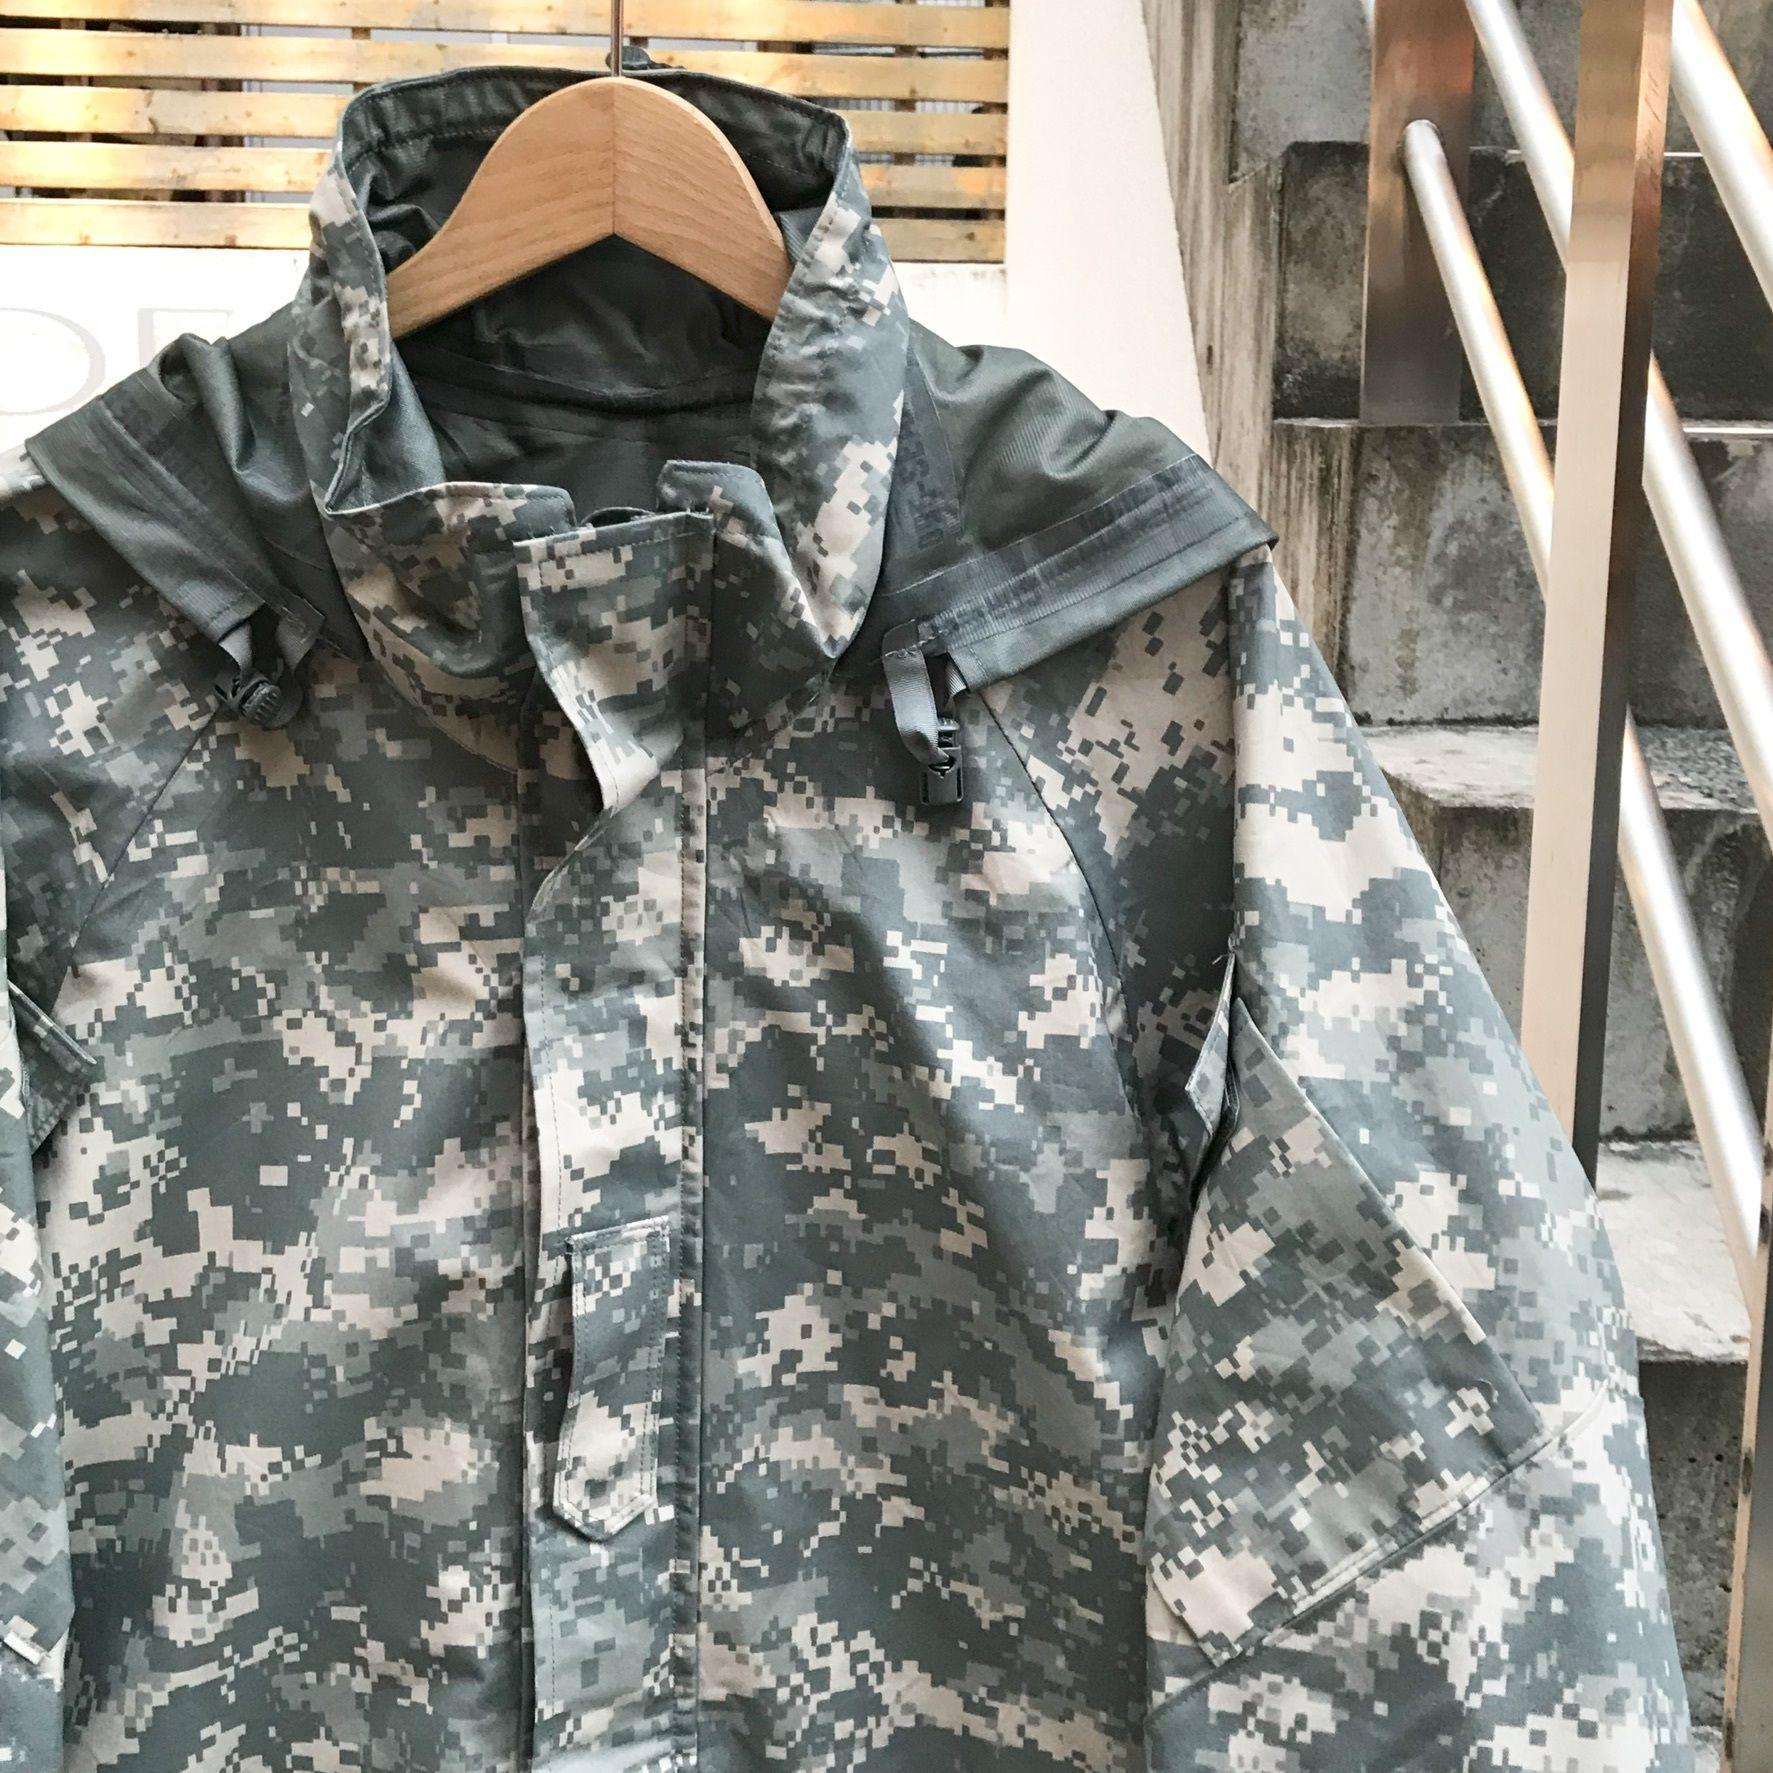 US MILITARY/ミリタリー デジタルカモ GORE TEXジャケット2000年代 (DEADSTOCK)